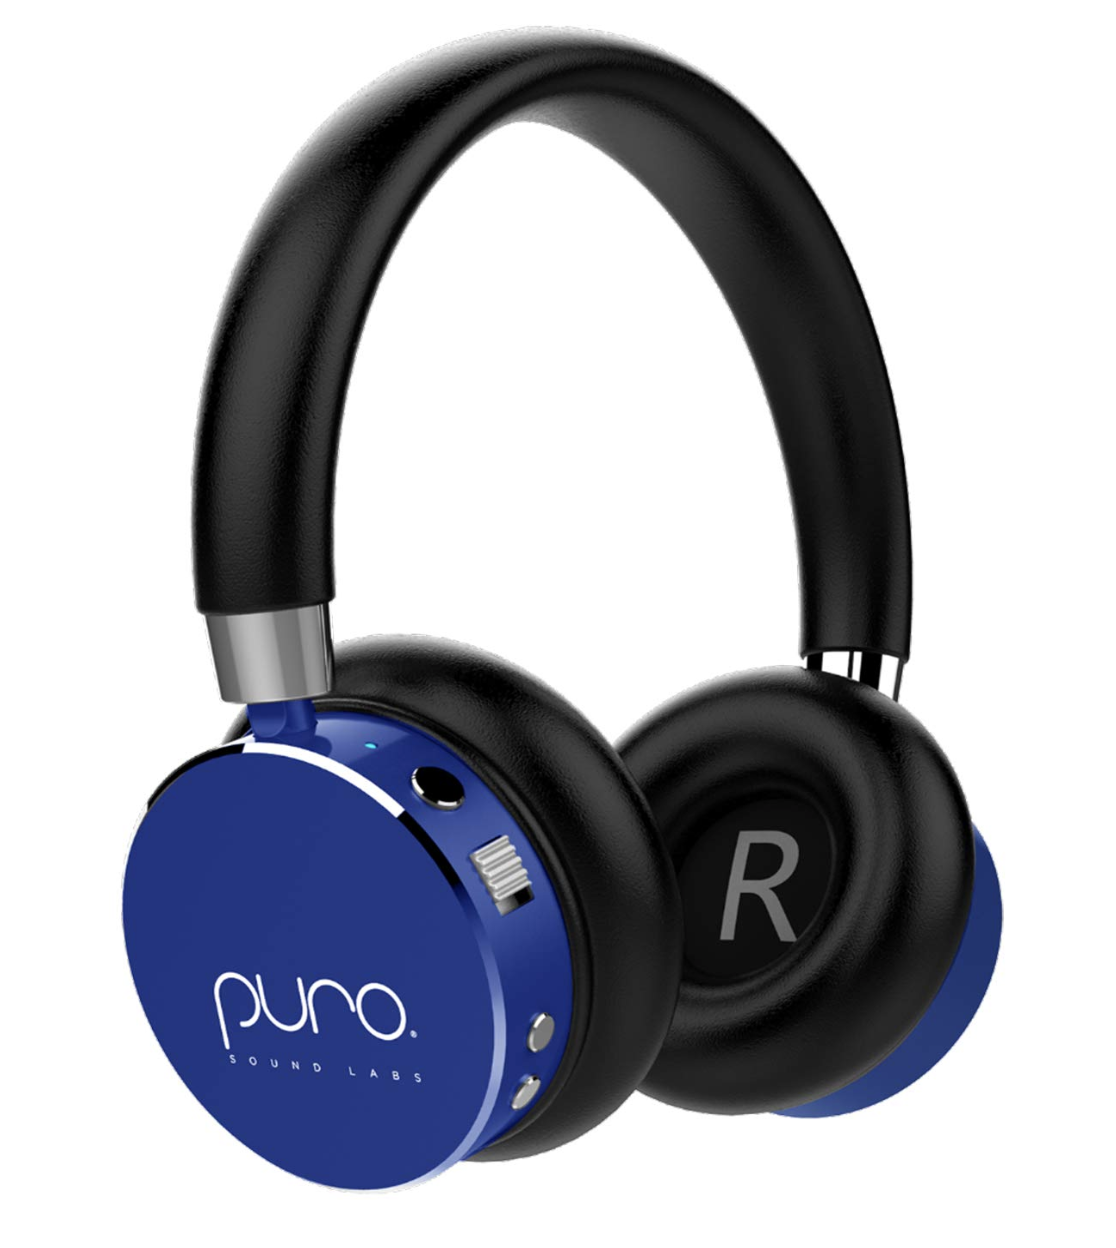 best kids headphones - Puro BT2200